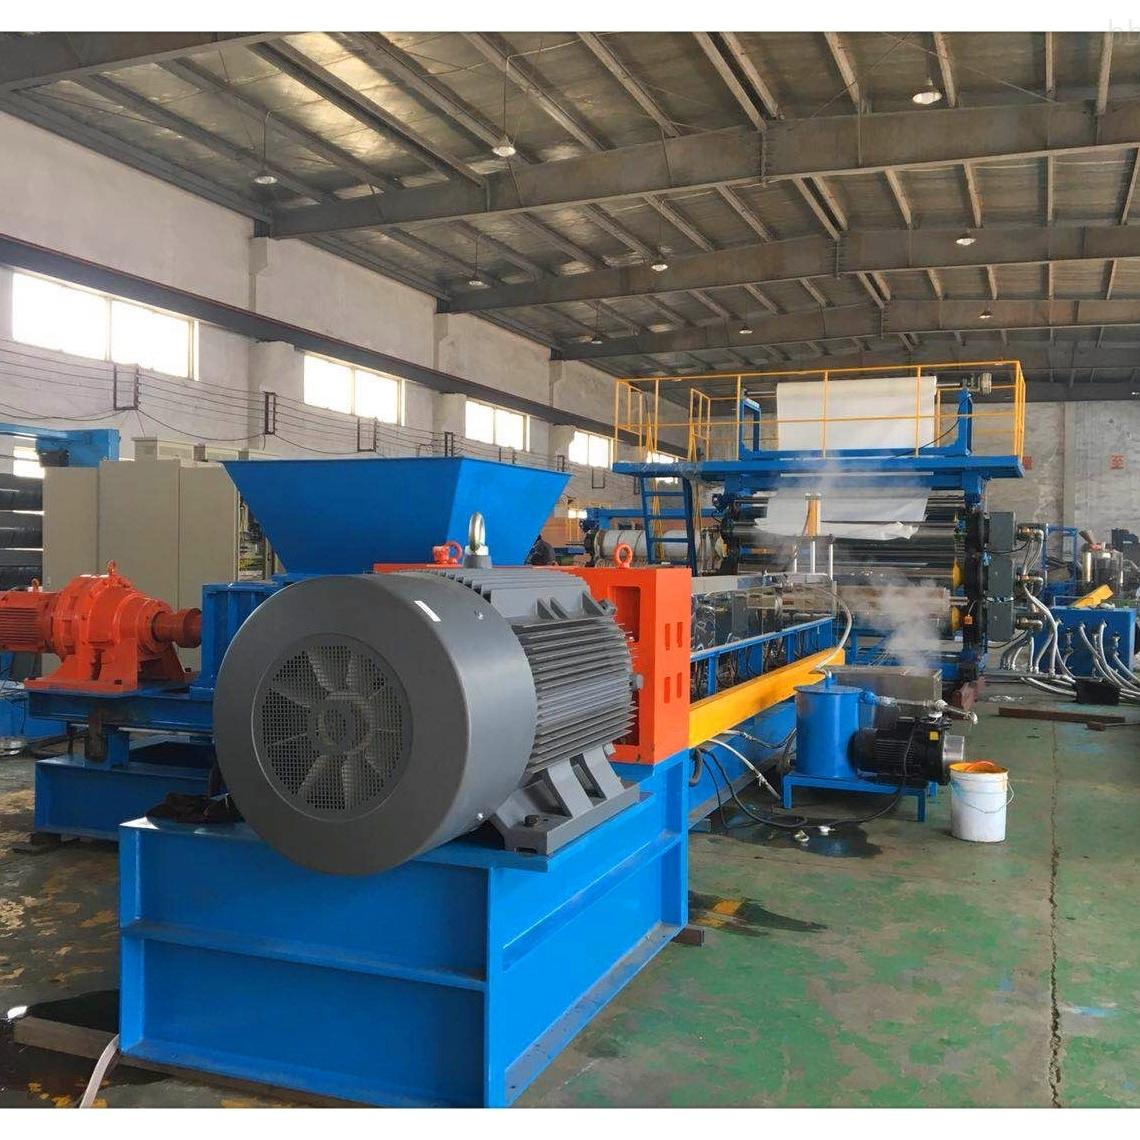 丁基空调隔音材料生产设备(制造商)